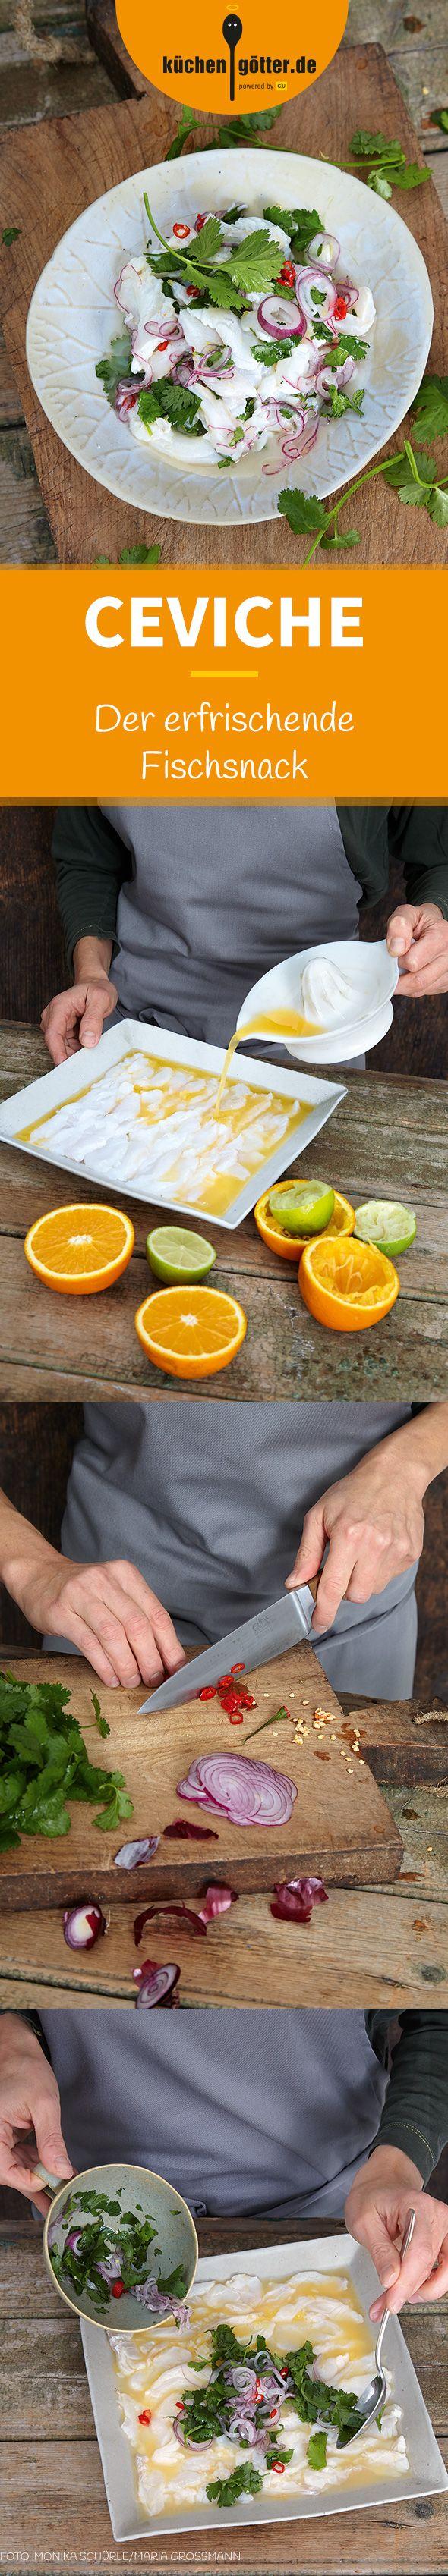 CEVICHE - Fangfrischer roher Fisch wird mit Limetten- oder Zitronensaft aromatisiert und zieht ein paar Stunden im eigenen Saft, bis der Fisch nicht mehr glasig ist und fast wie gegart schmeckt. - Ein wunderbar leichtes, köstliches Rezept aus Peru.